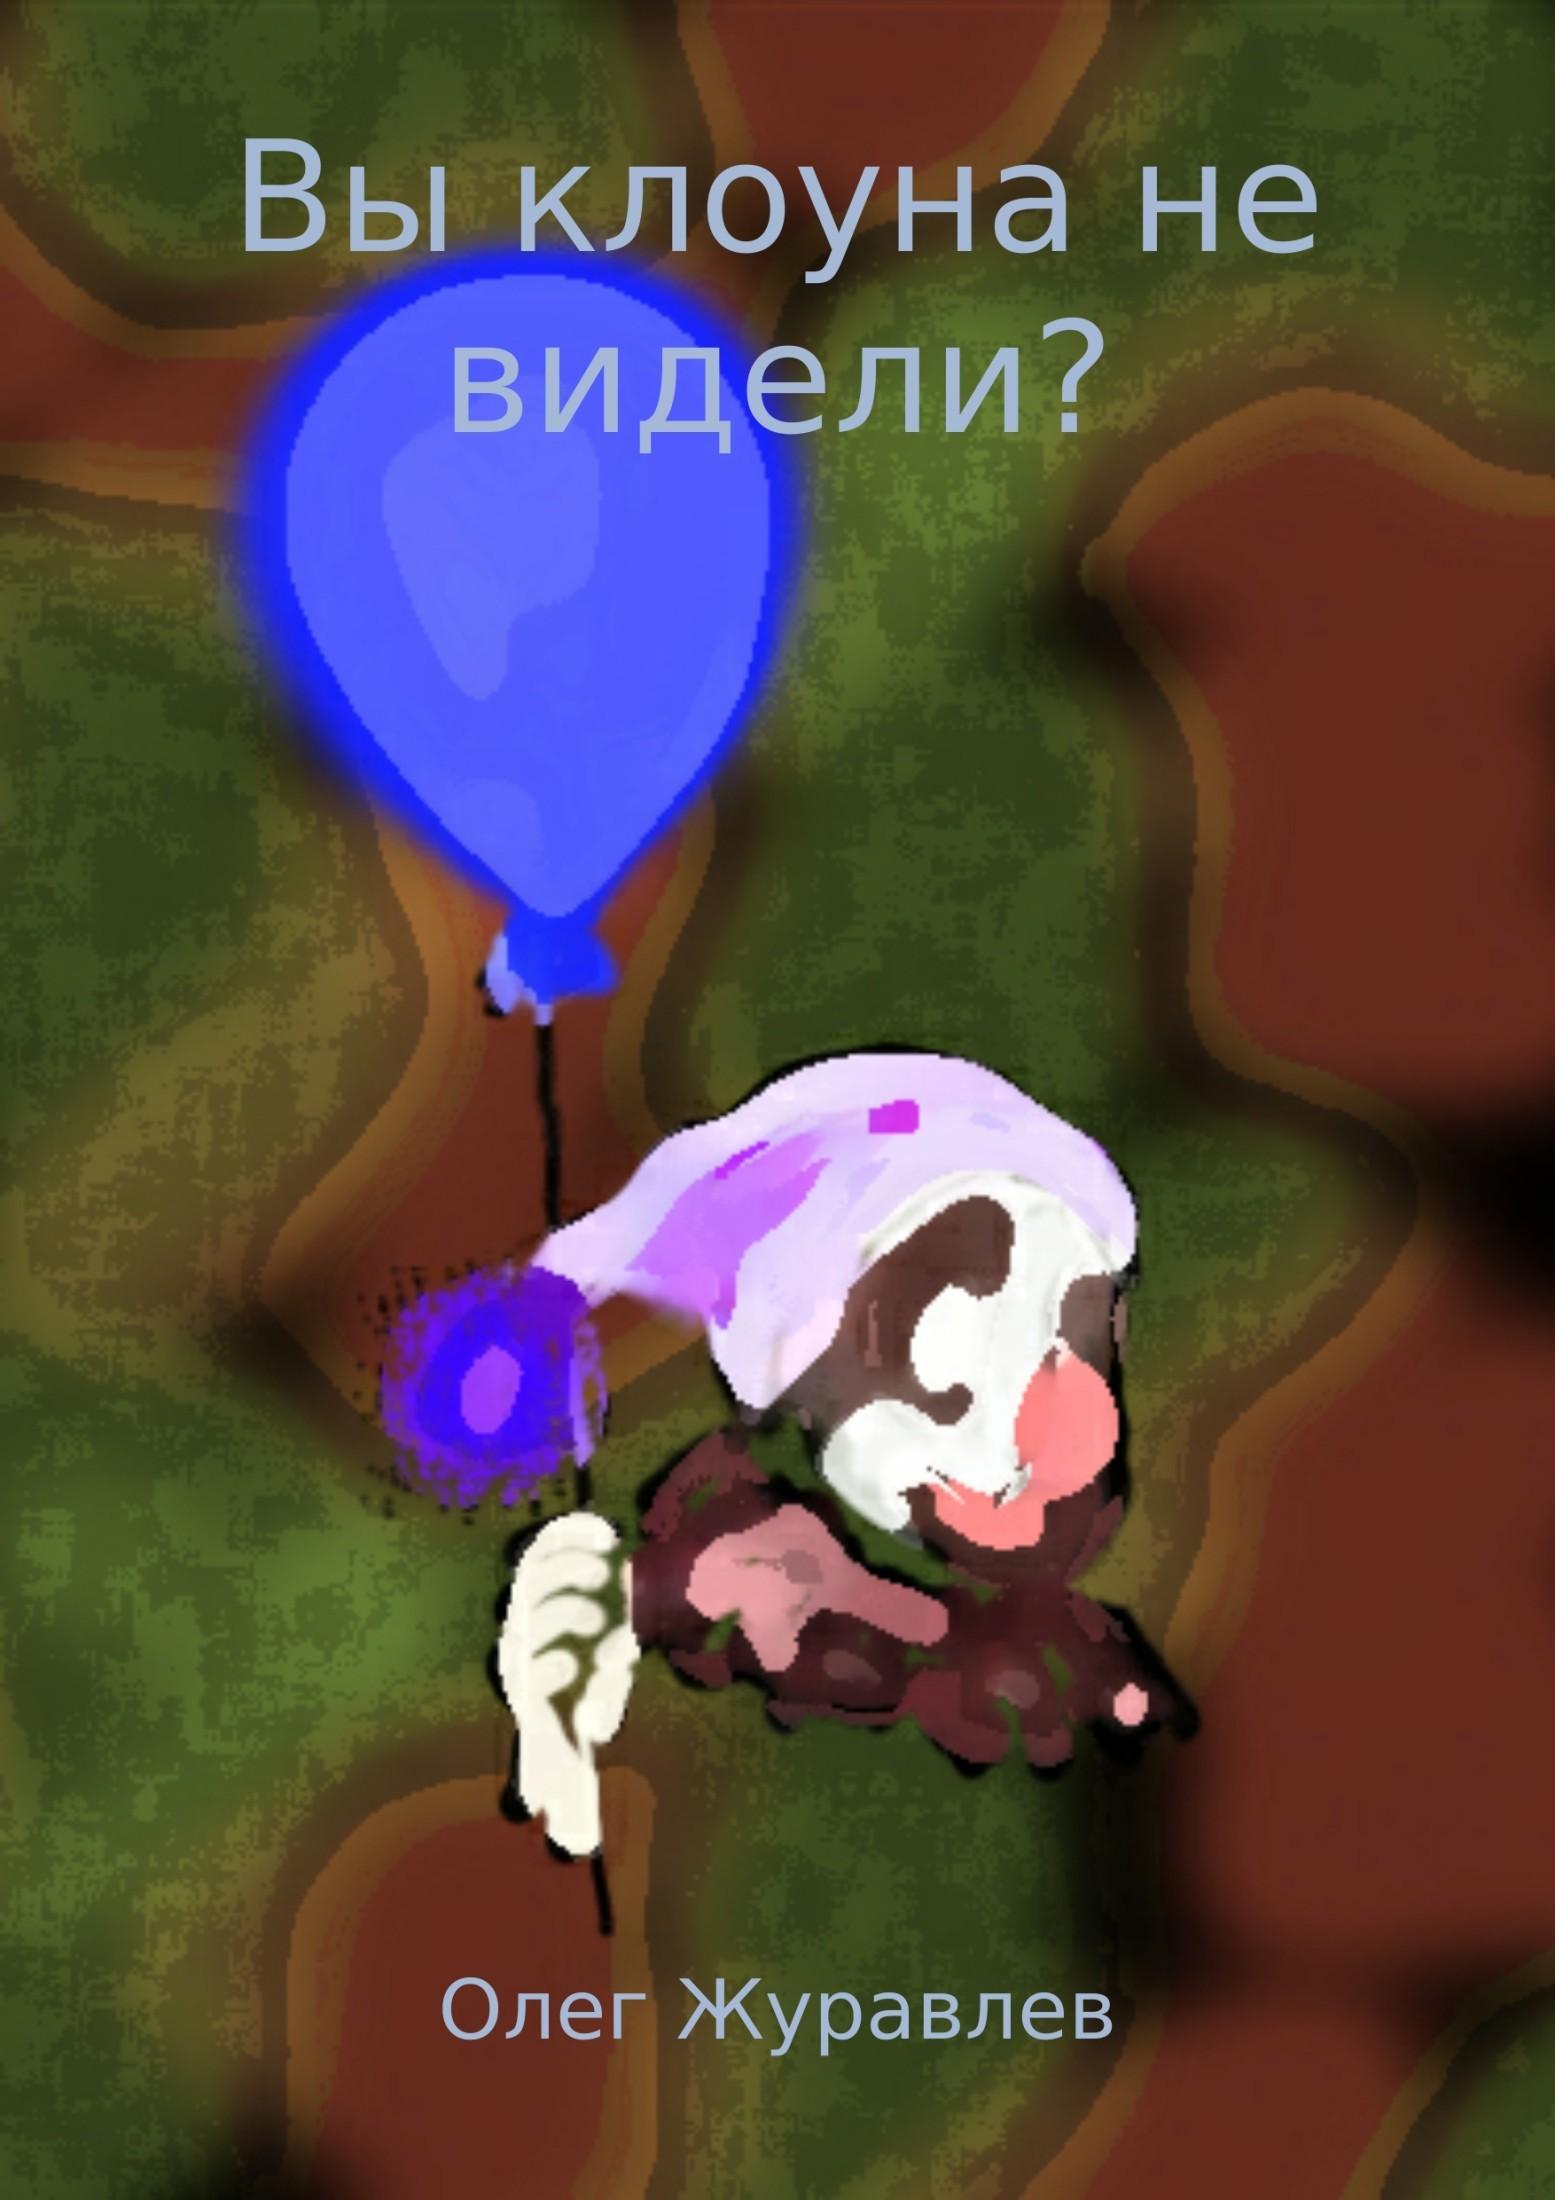 Олег Николаевич Журавлев Вы клоуна не видели? Рассказ